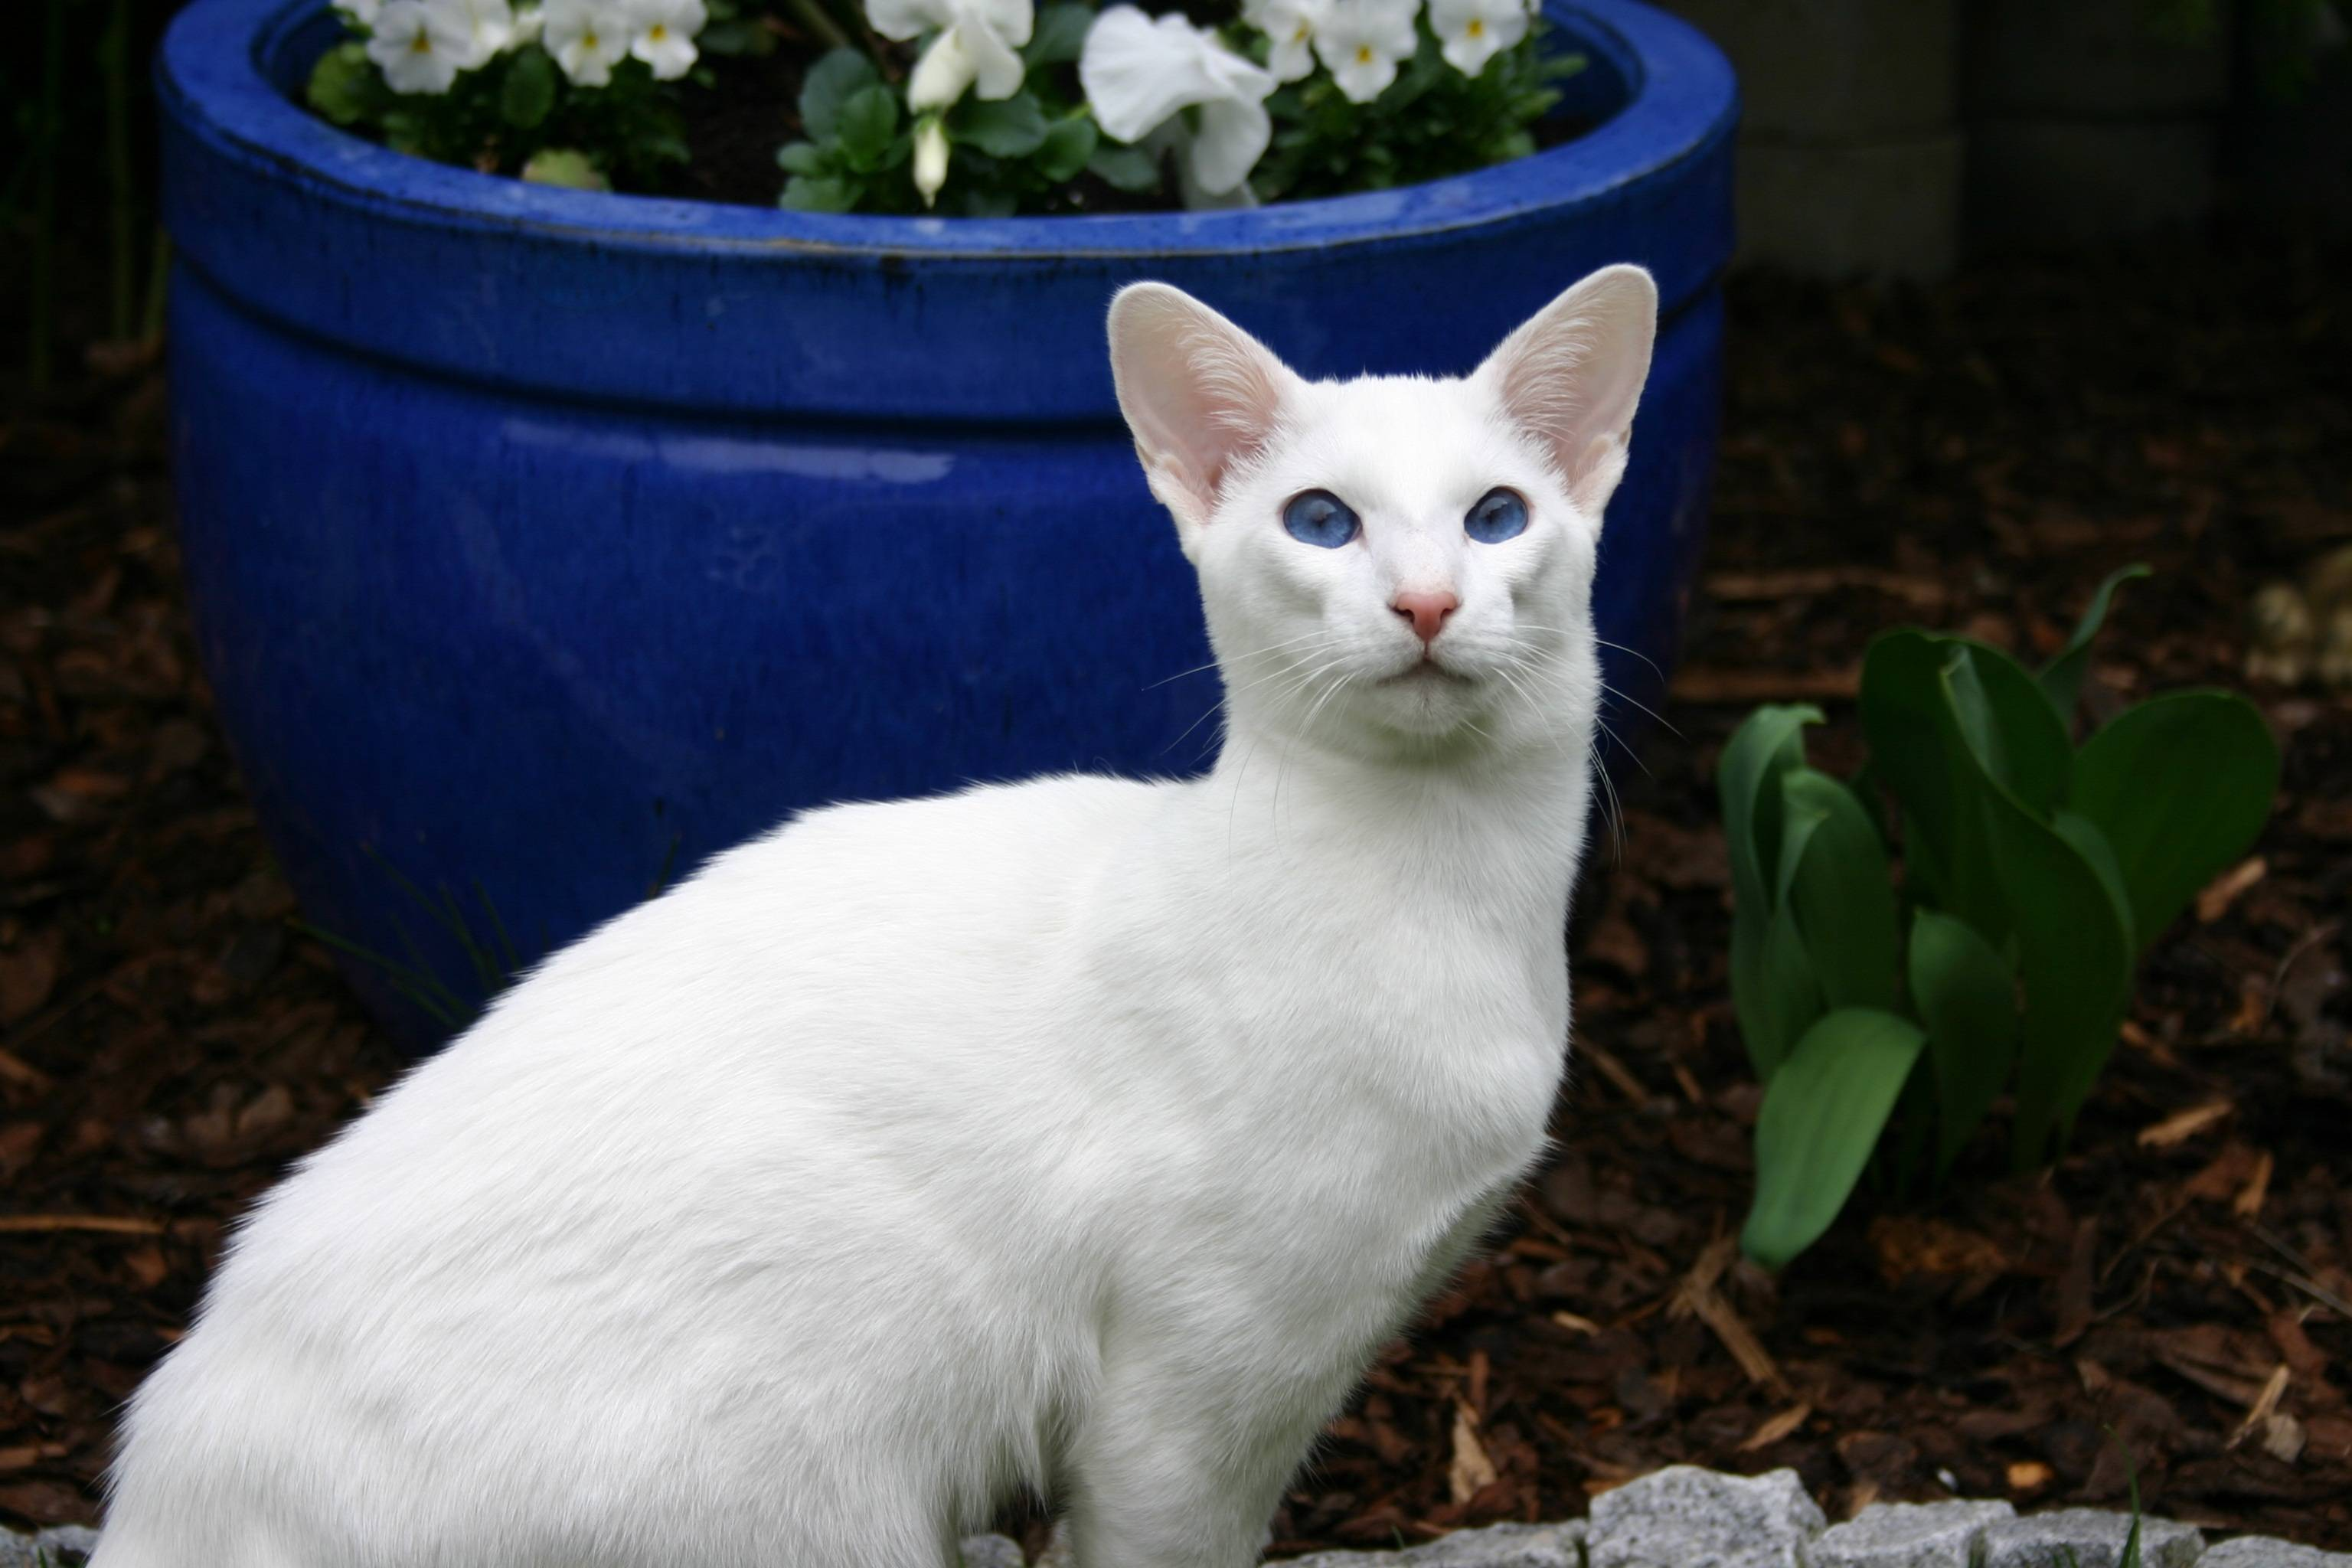 Серо-белые коты: описание внешнего вида и особенности поведения